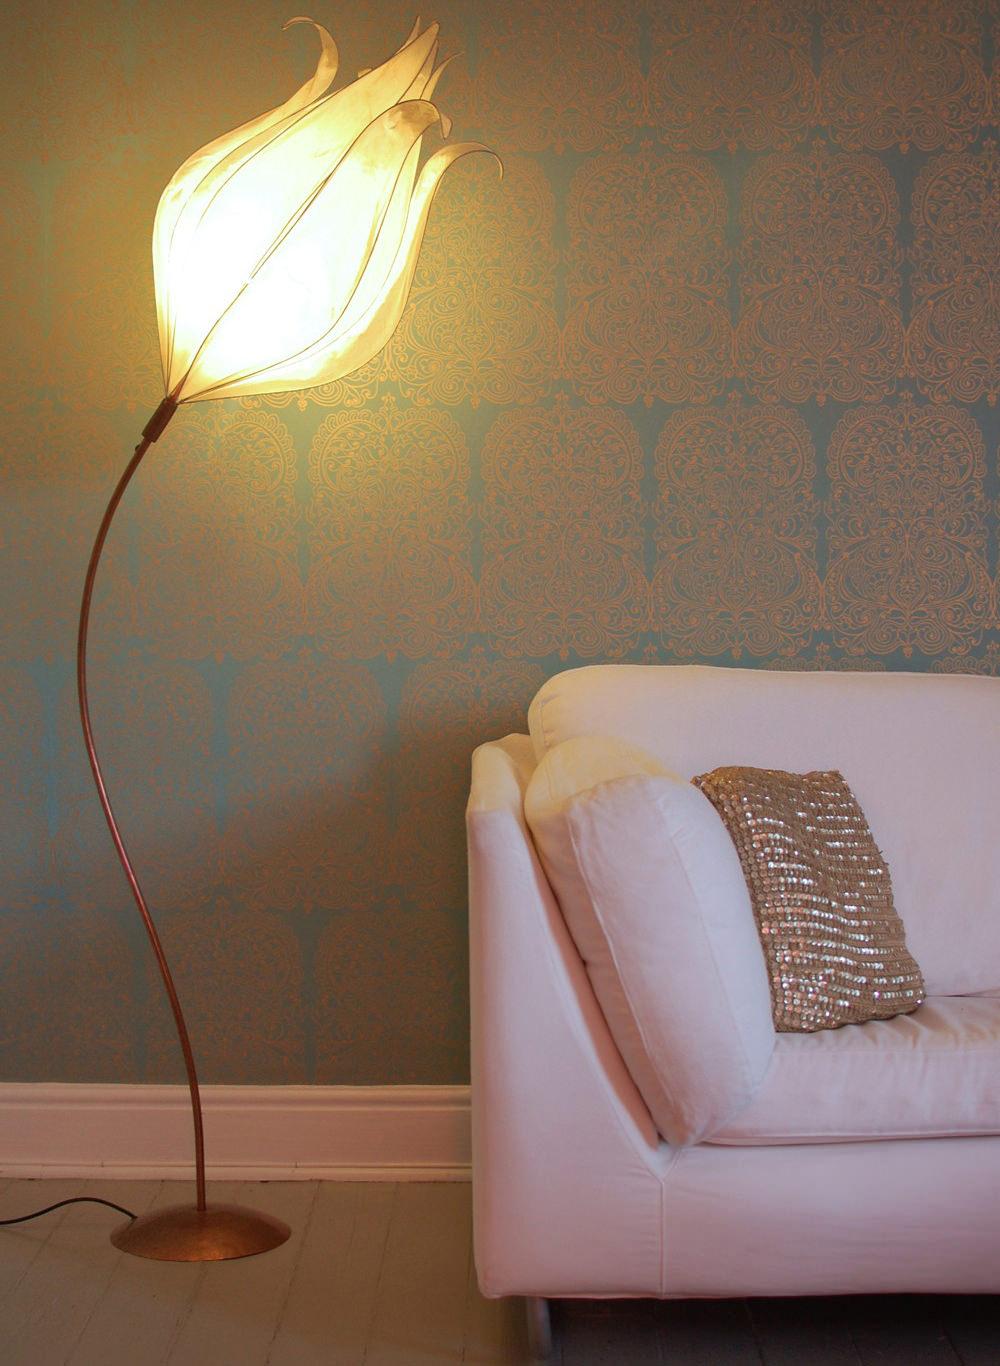 для маленьких сделать светильник с фотографией на стену отметить, что они